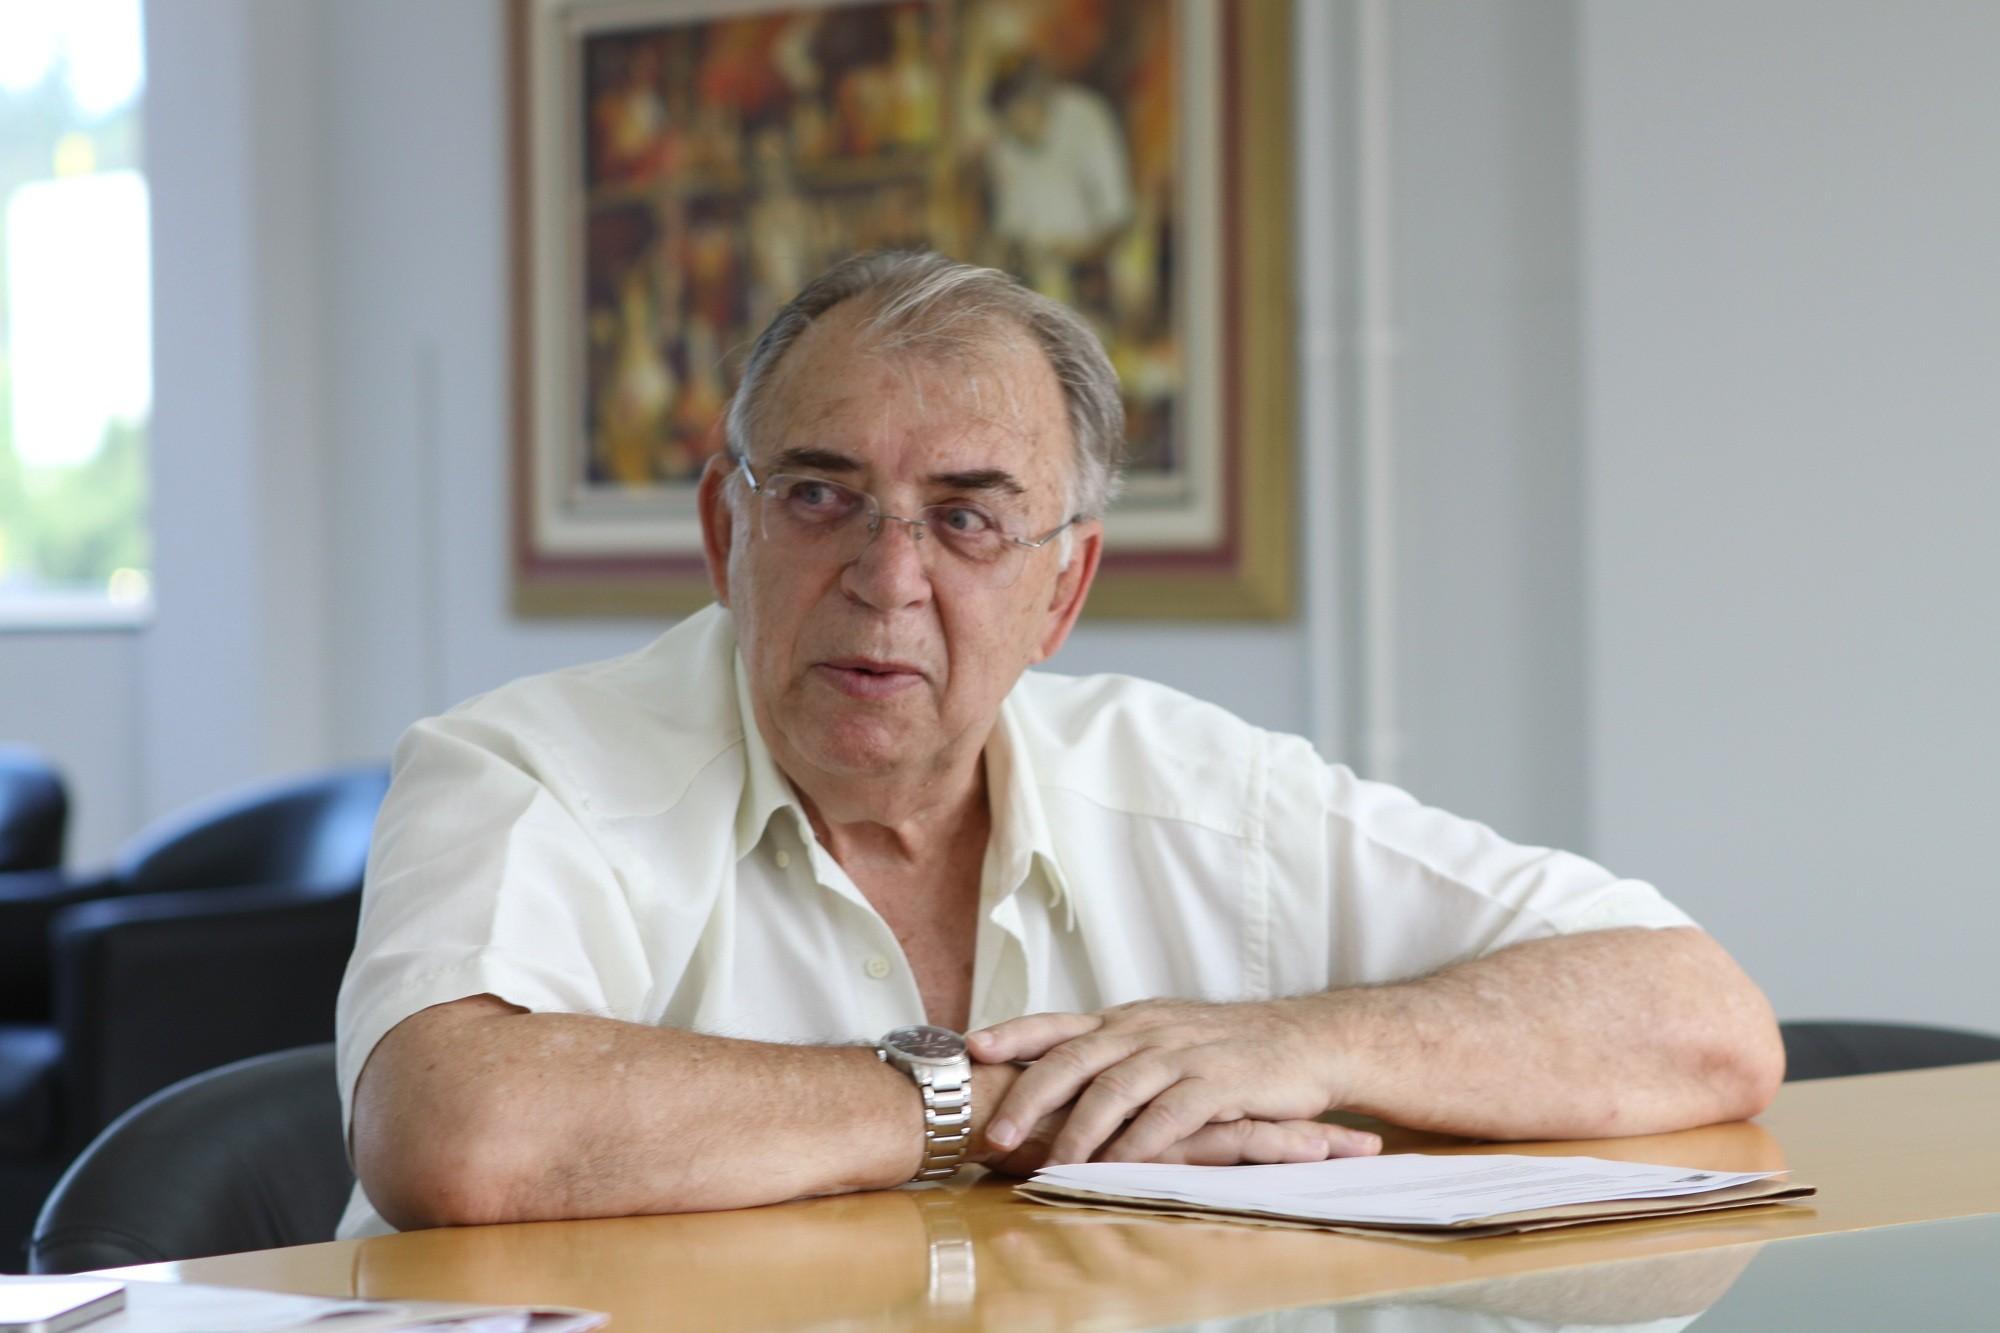 Morre Antônio Carlos Vieira, ex-secretário e ex-deputado estadual de SC - Notícias - Plantão Diário